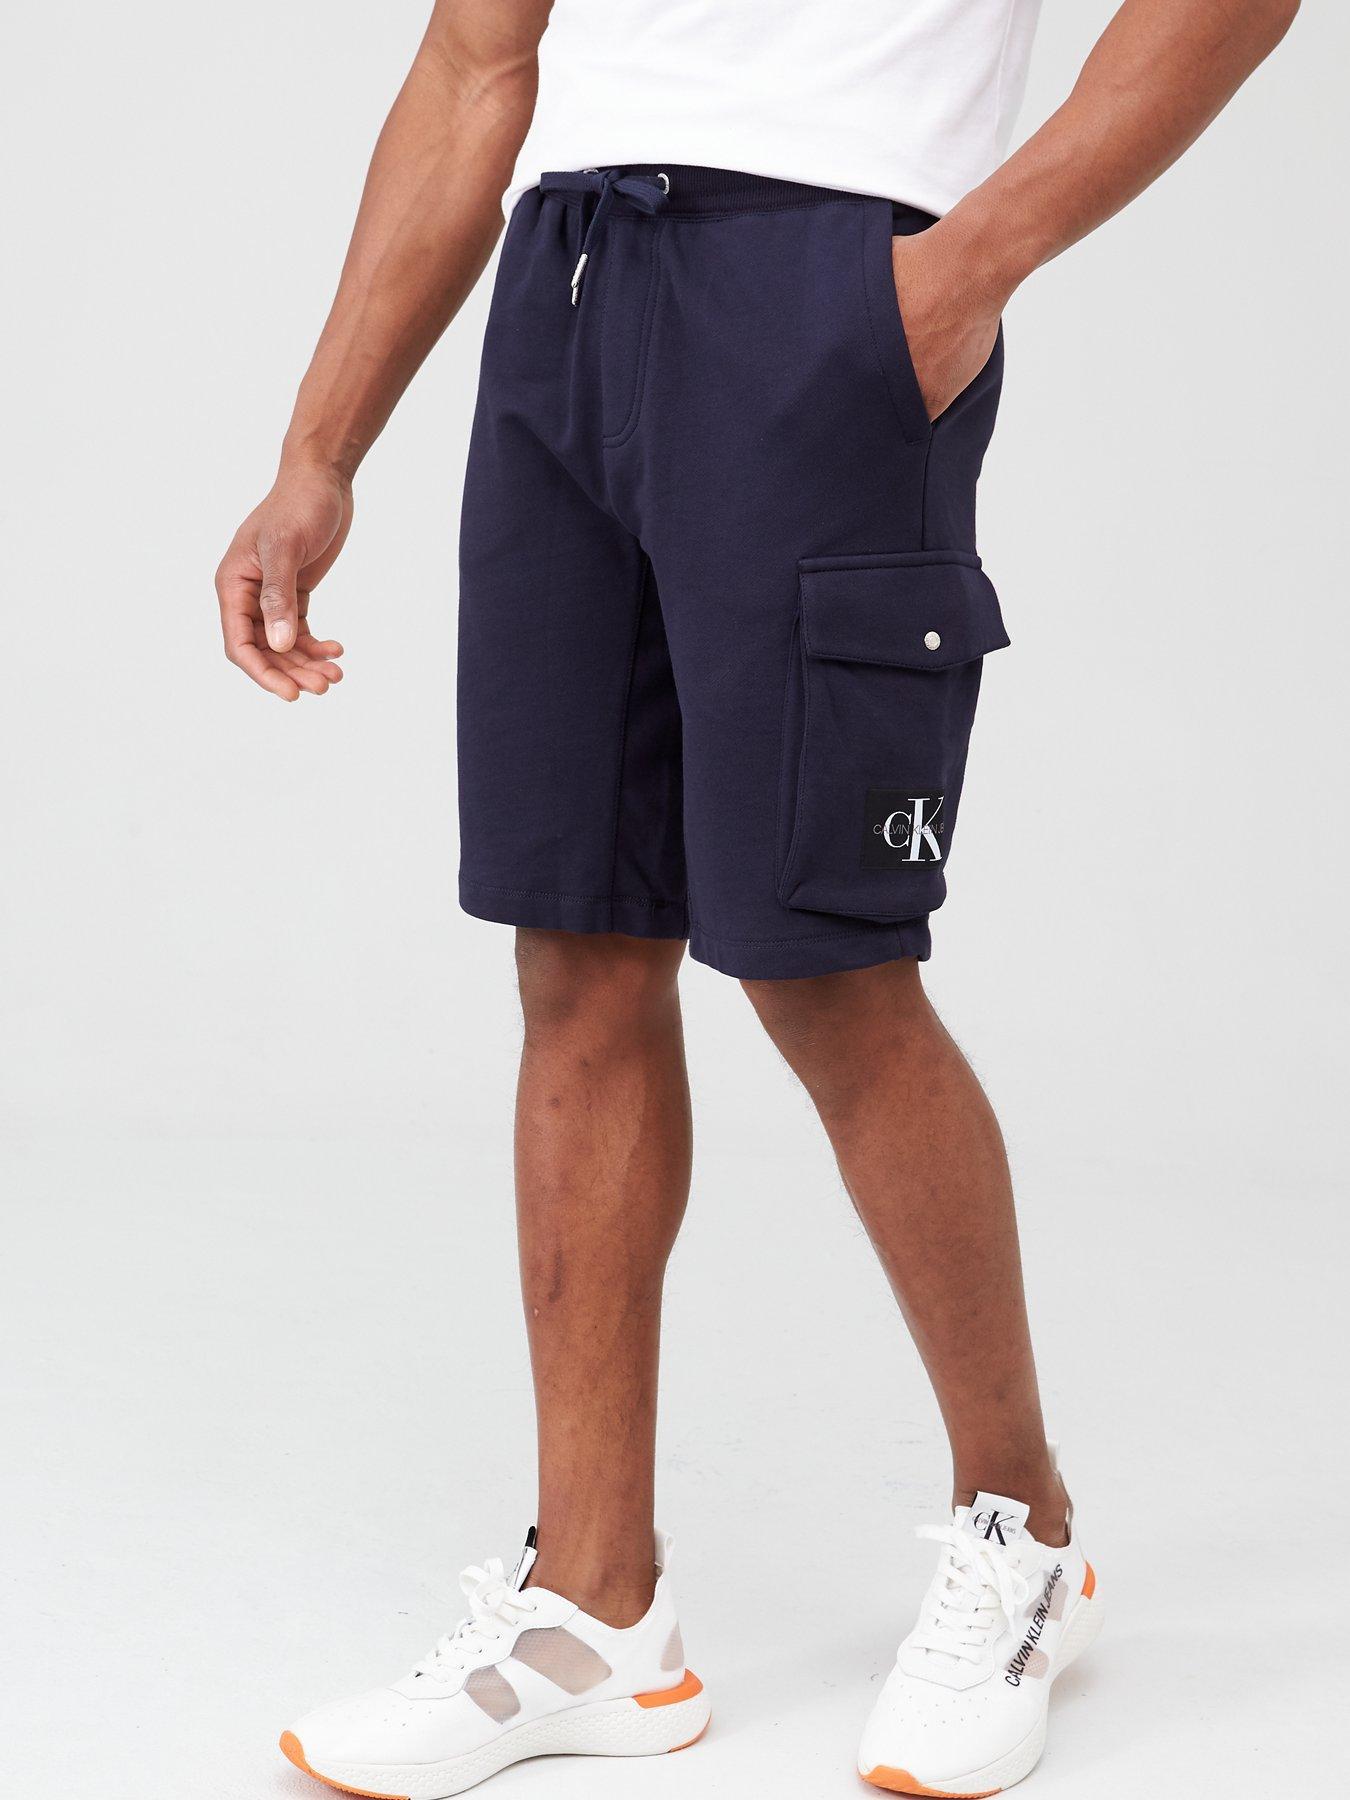 BIG SM EXTREME SPORTSWEAR Mens Baggy Track Pants Gym Workout Bodypants 1142